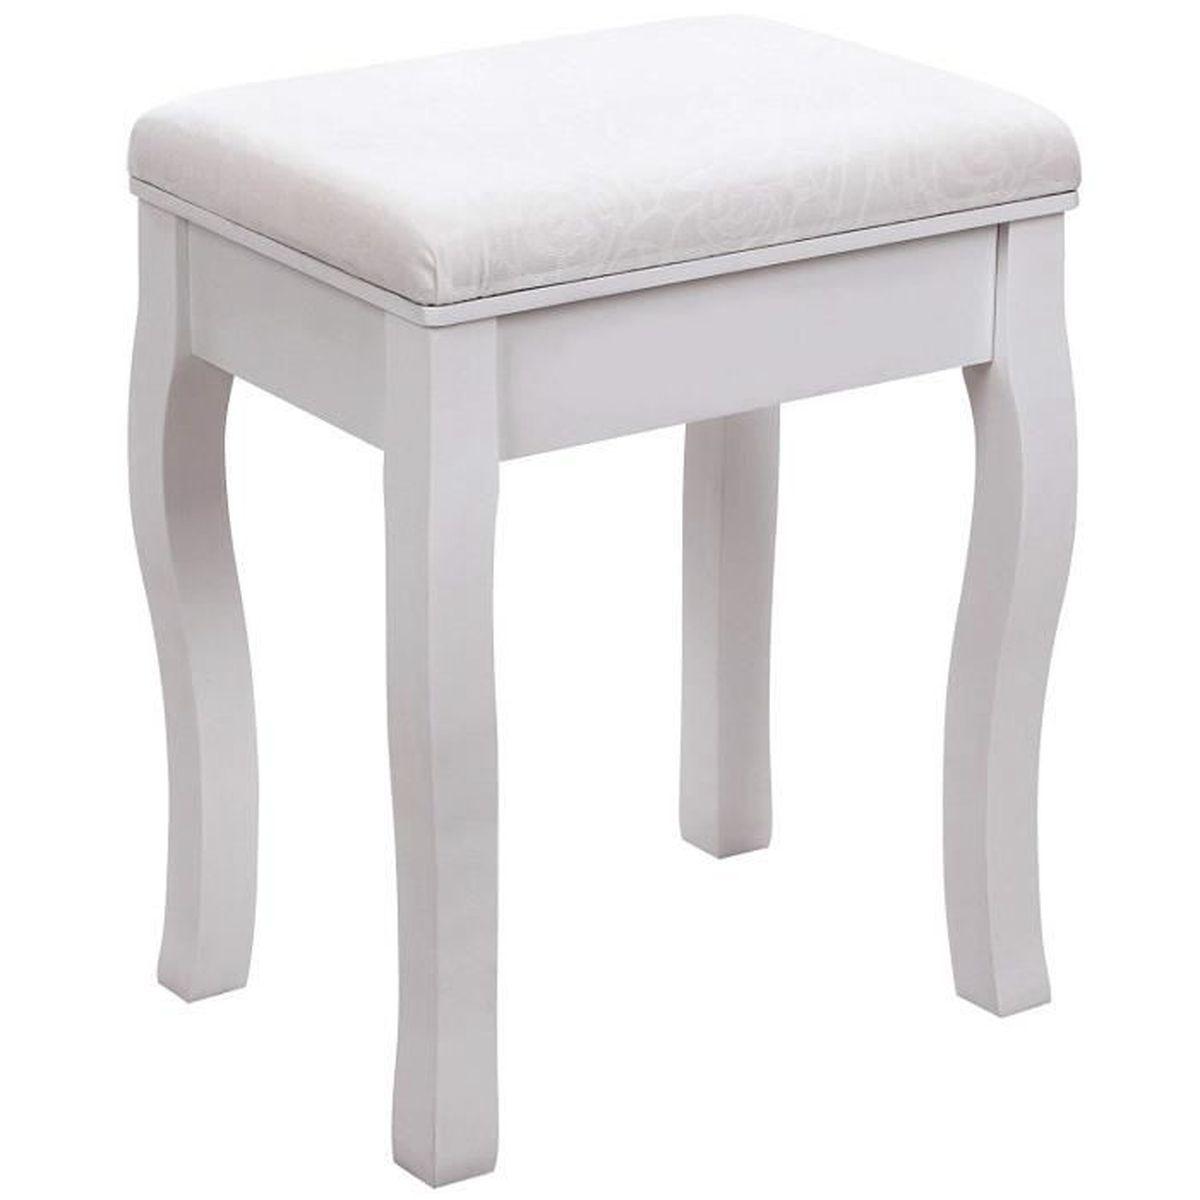 songmics tabouret pour coiffeuse en bois blanc avec coussin cr me rds50w achat vente. Black Bedroom Furniture Sets. Home Design Ideas